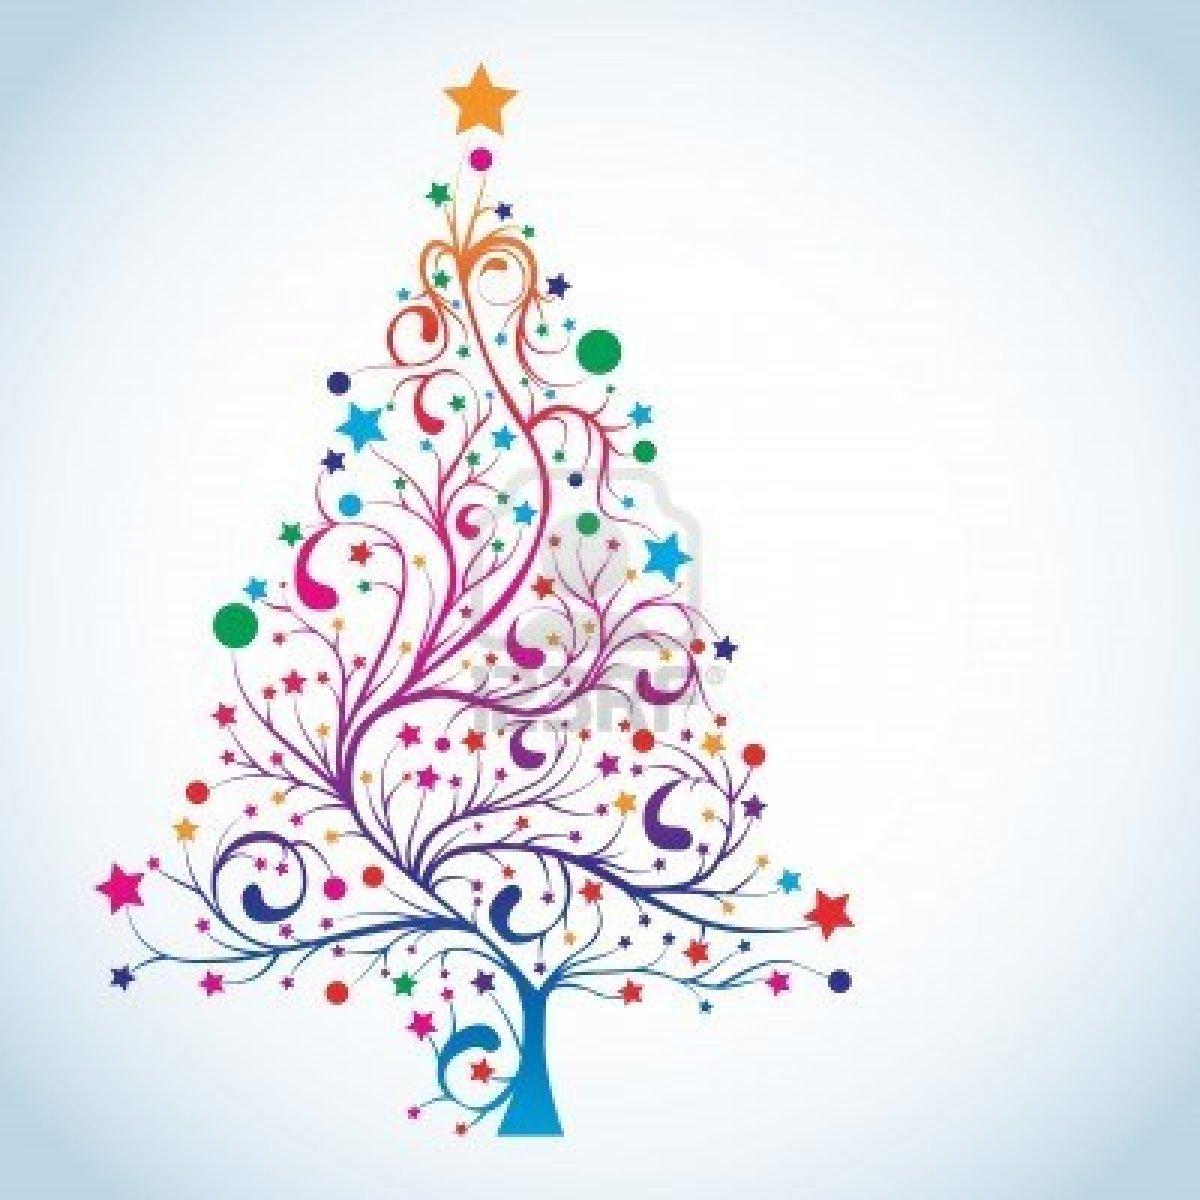 Rainbow Christmas Trees: The Pisces, The Dragon & The Phoenix: Dear Santa